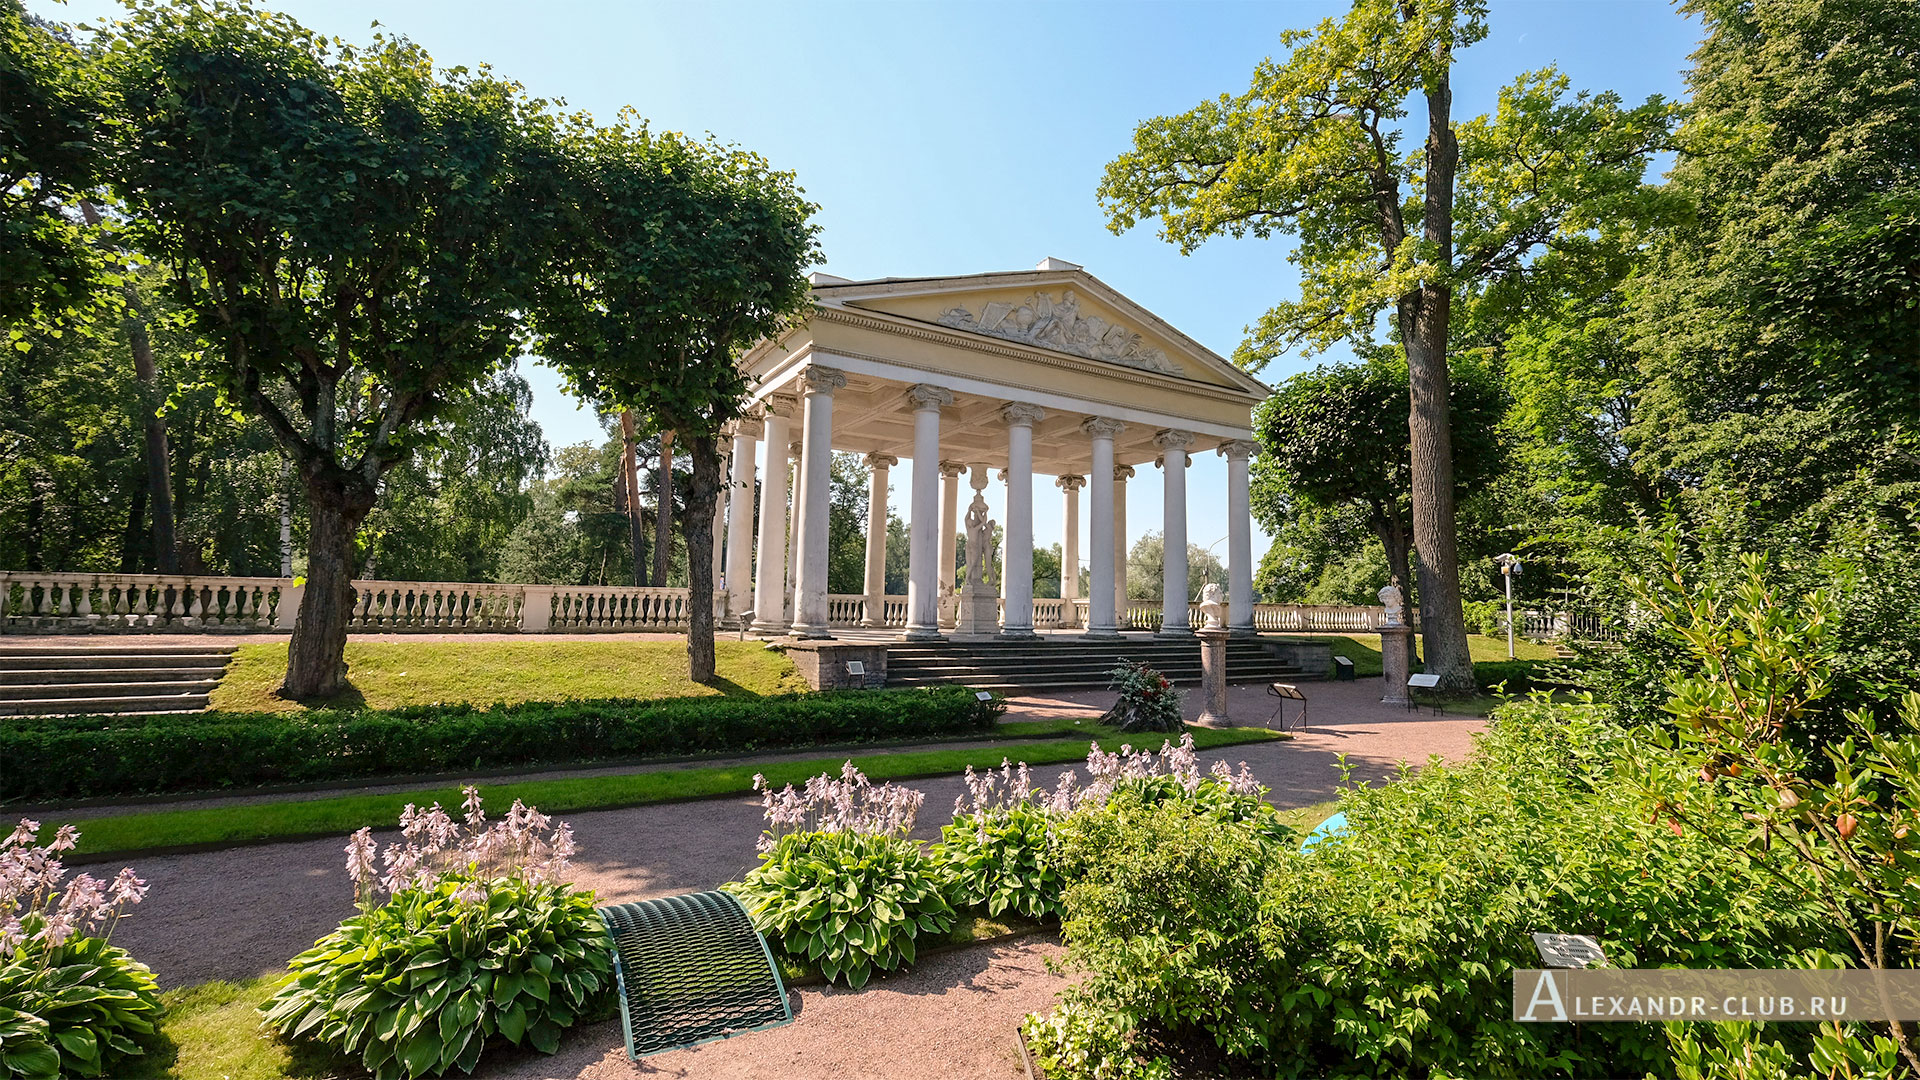 Павловск, лето, Большой Павловский дворец, Собственный садик, павильон Трех Граций